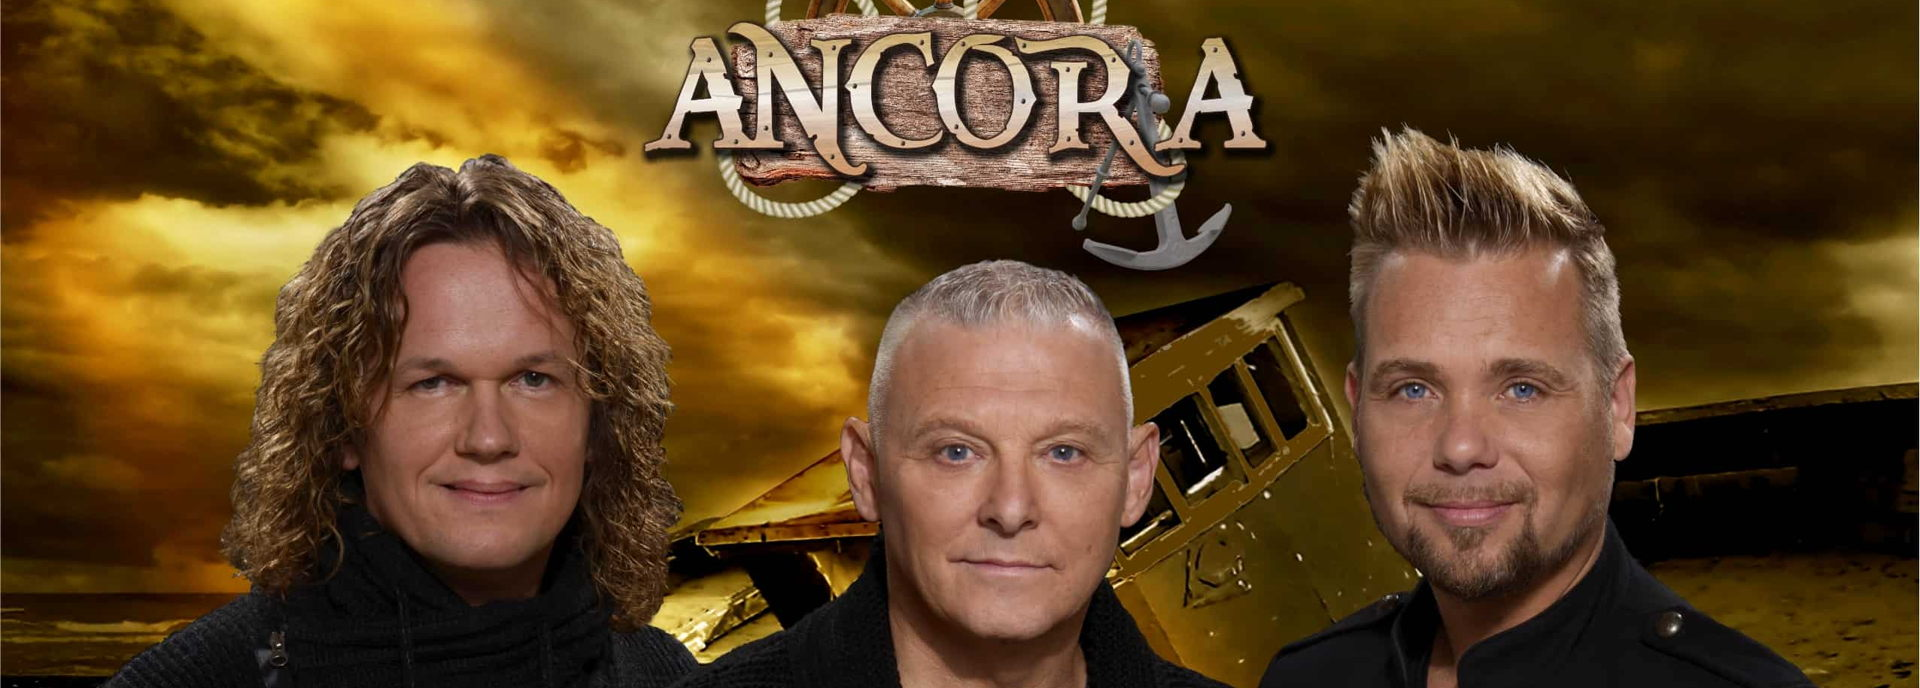 Shantymuziek, Irish folk en pop zijn dé ingrediënten voor de nummers van Ancora. Kenmerkend aan dit trio is de robuuste sound en het aanstekelijke sfeertje. Tijdens Wind in de zeilen slagen de drie mannen er dan ook wederom in om het publiek optimaal te vermaken.